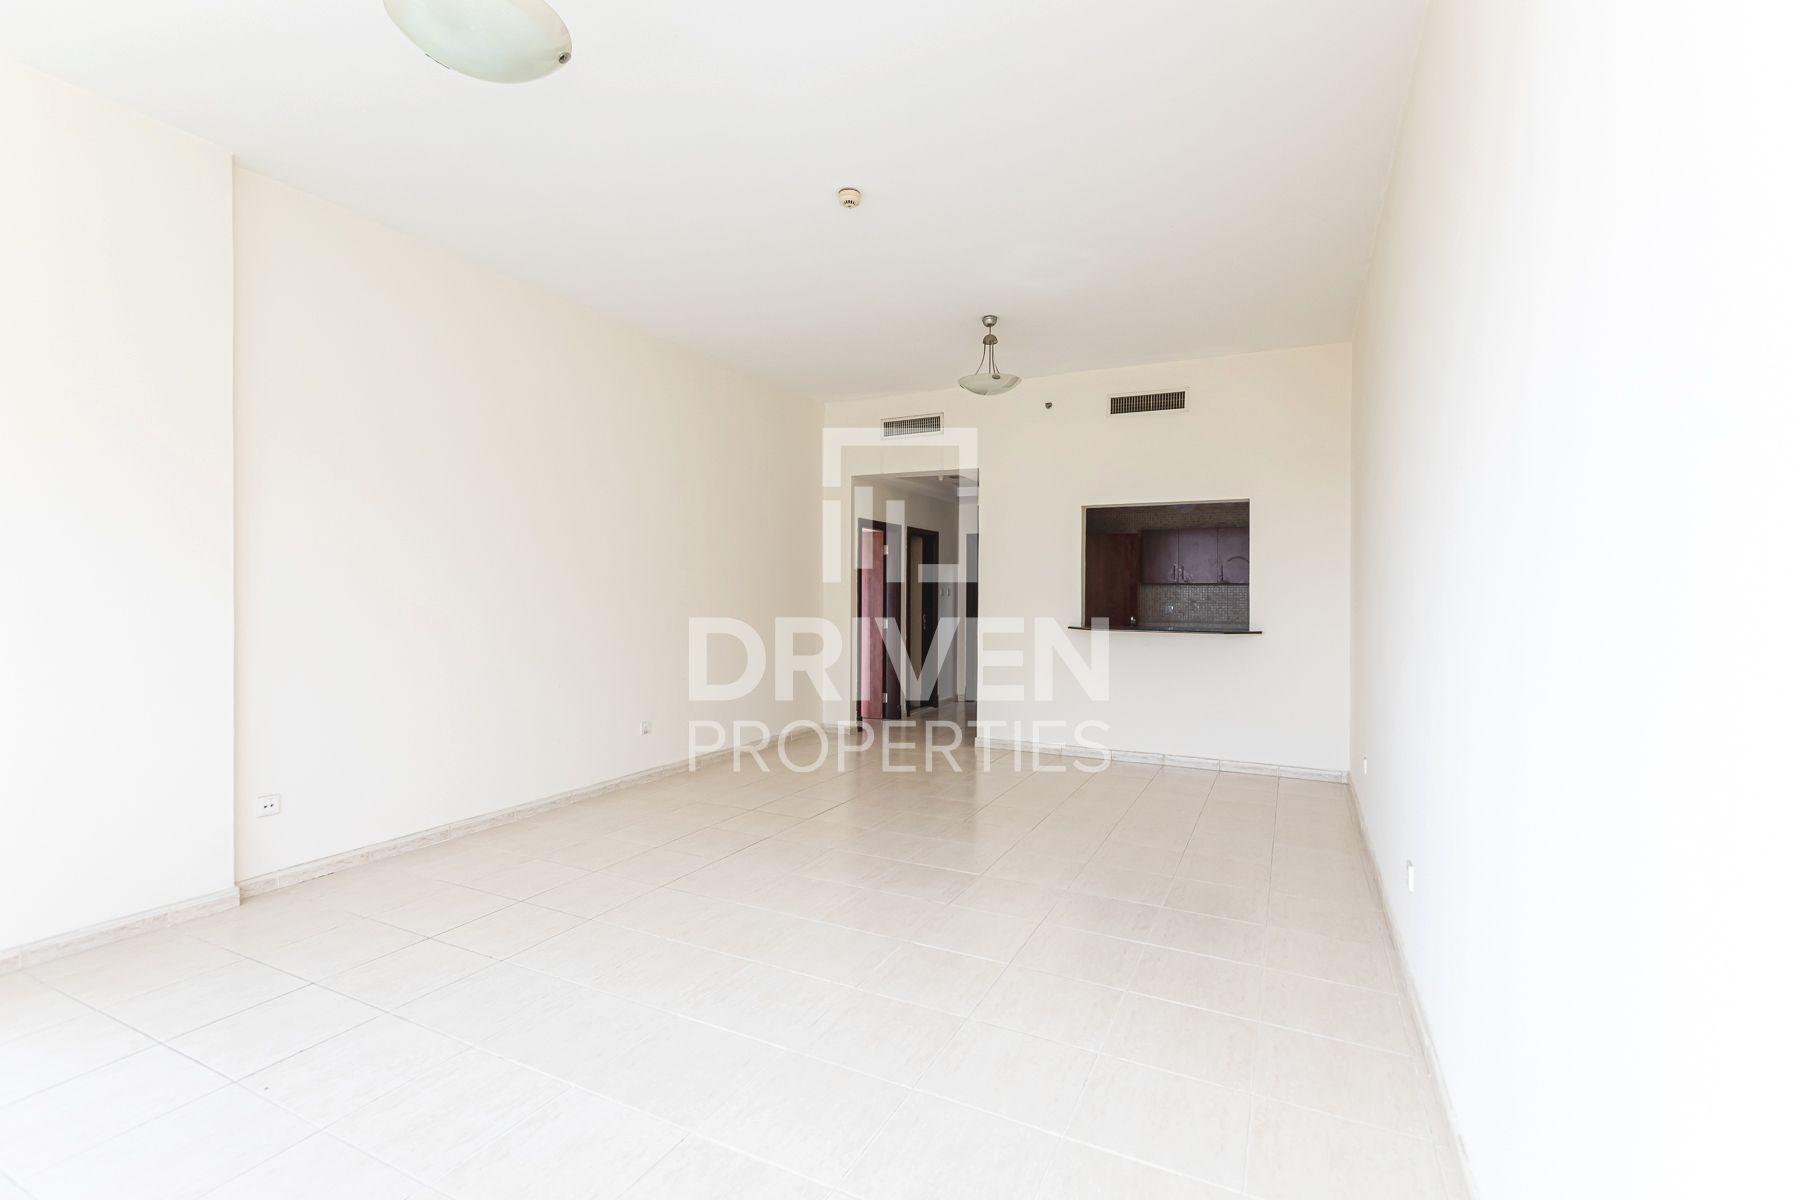 987 قدم مربع  شقة - للايجار - مدينة دبي الرياضية